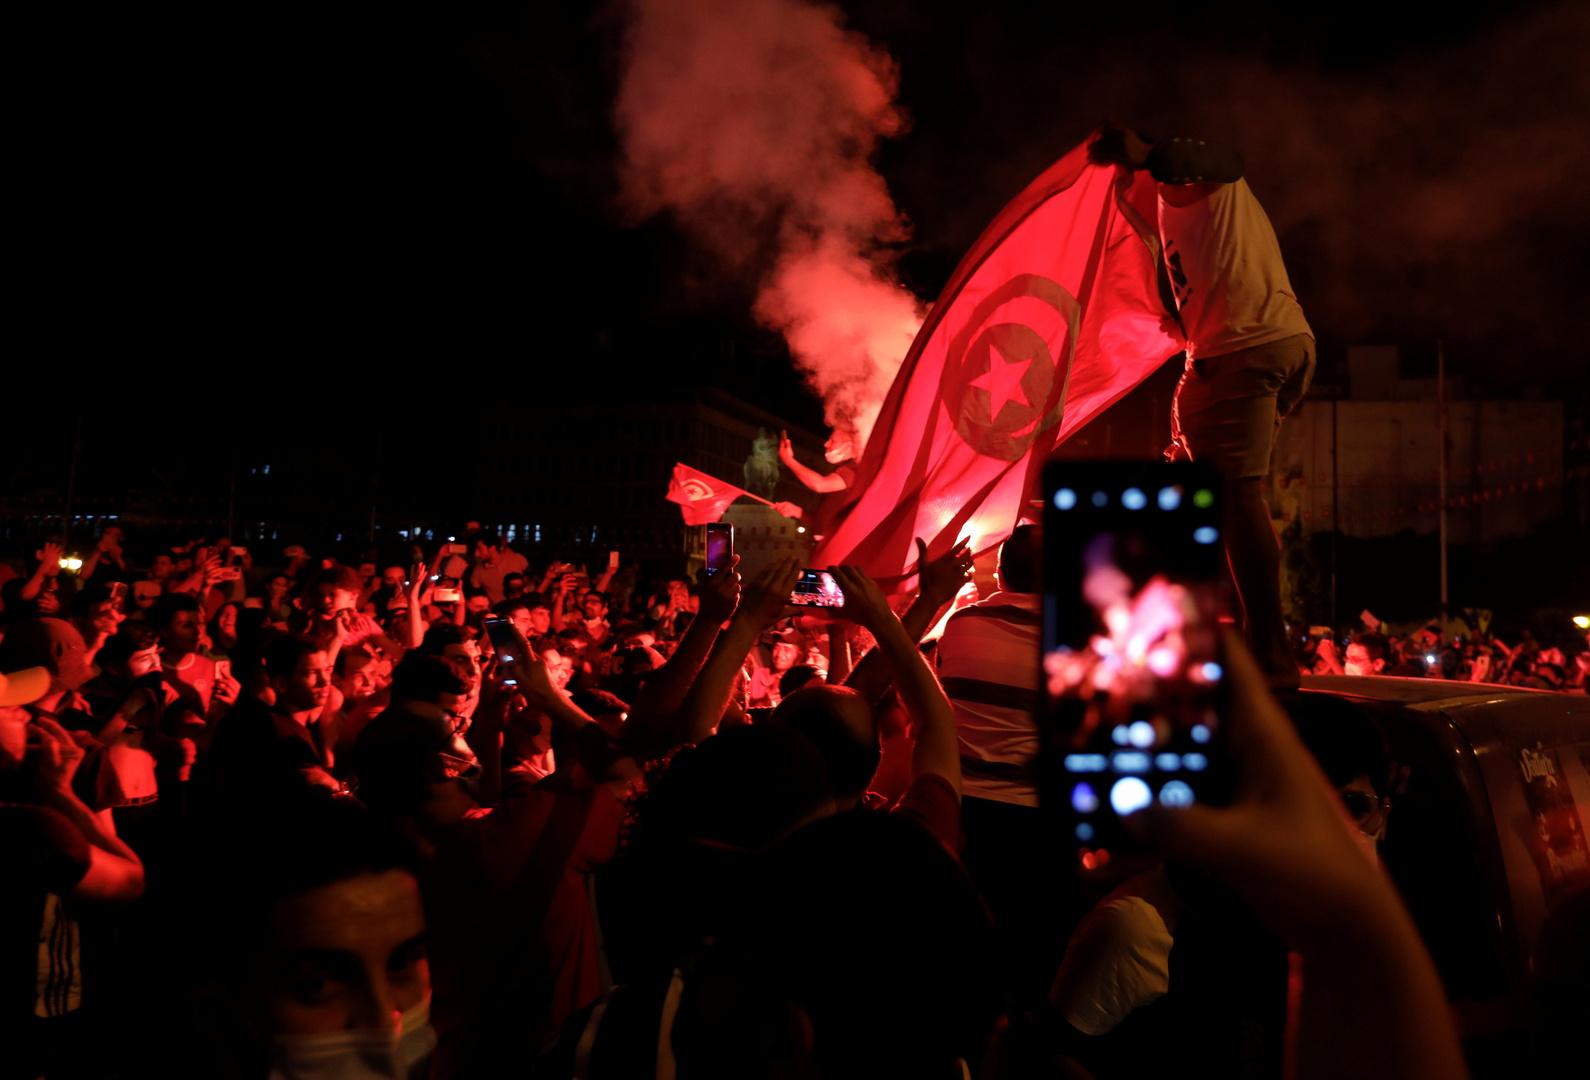 تونسيون يحتفلون بقرارات رئيس البلاد، قيس سعيد، لإقالة الحكومة وتجميد عمل البرلمان.